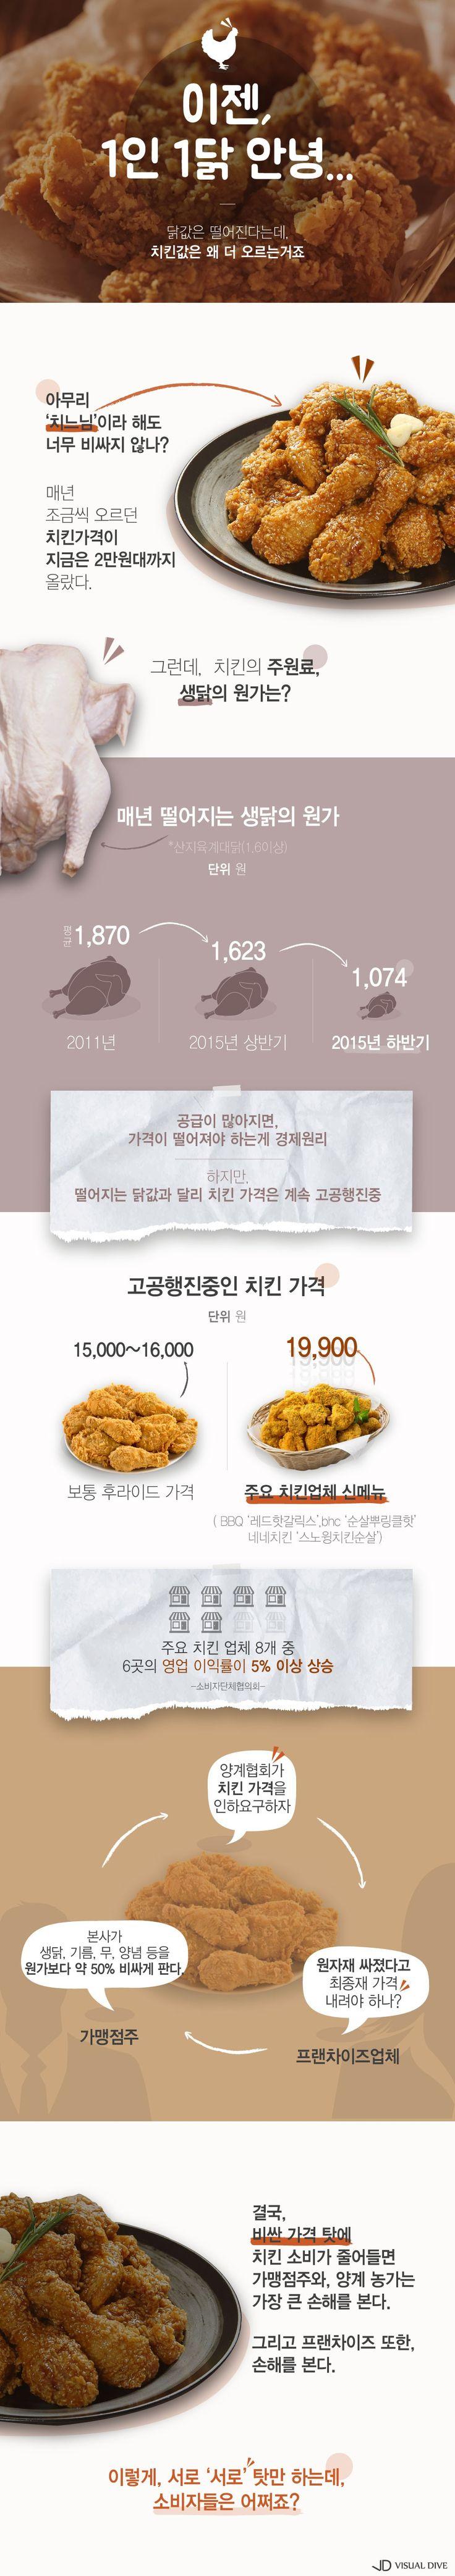 치킨값 어디까지 오를거니 [인포그래픽] #chicken / #Infographic ⓒ 비주얼다이브 무단 복사·전재·재배포 금지